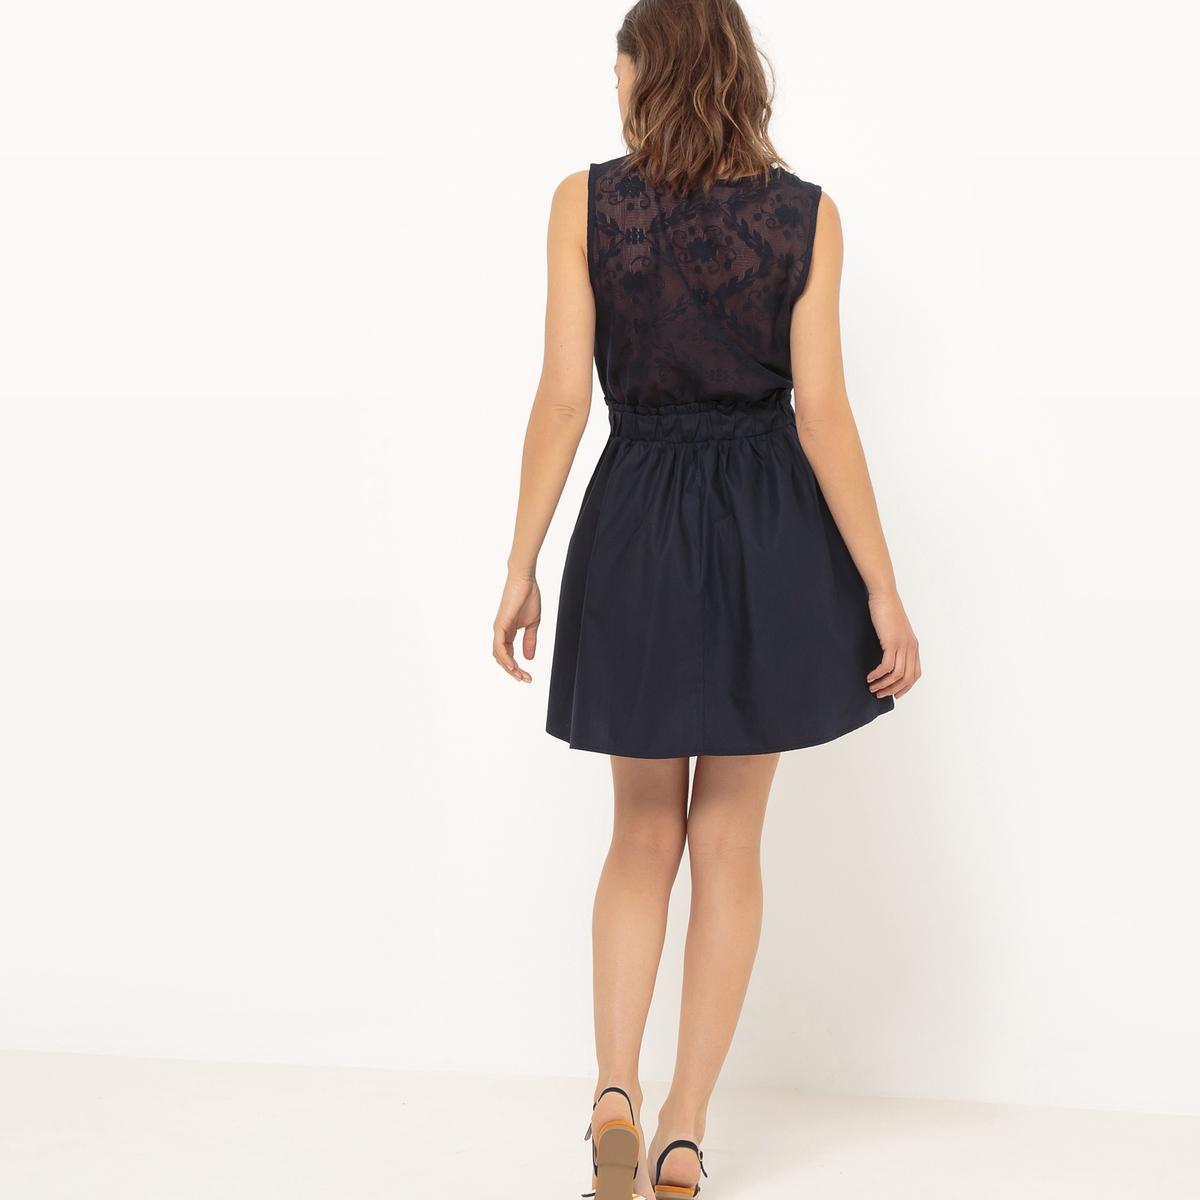 Платье короткое без рукавовДетали •  Форма : расклешенная •  короткое   •  Без рукавов      •  Круглый вырез •  Эластичный пояс  Состав и уход •  35% хлопка, 65% полиэстера   •  Следуйте советам по уходу, указанным на этикетке<br><br>Цвет: темно-синий<br>Размер: L